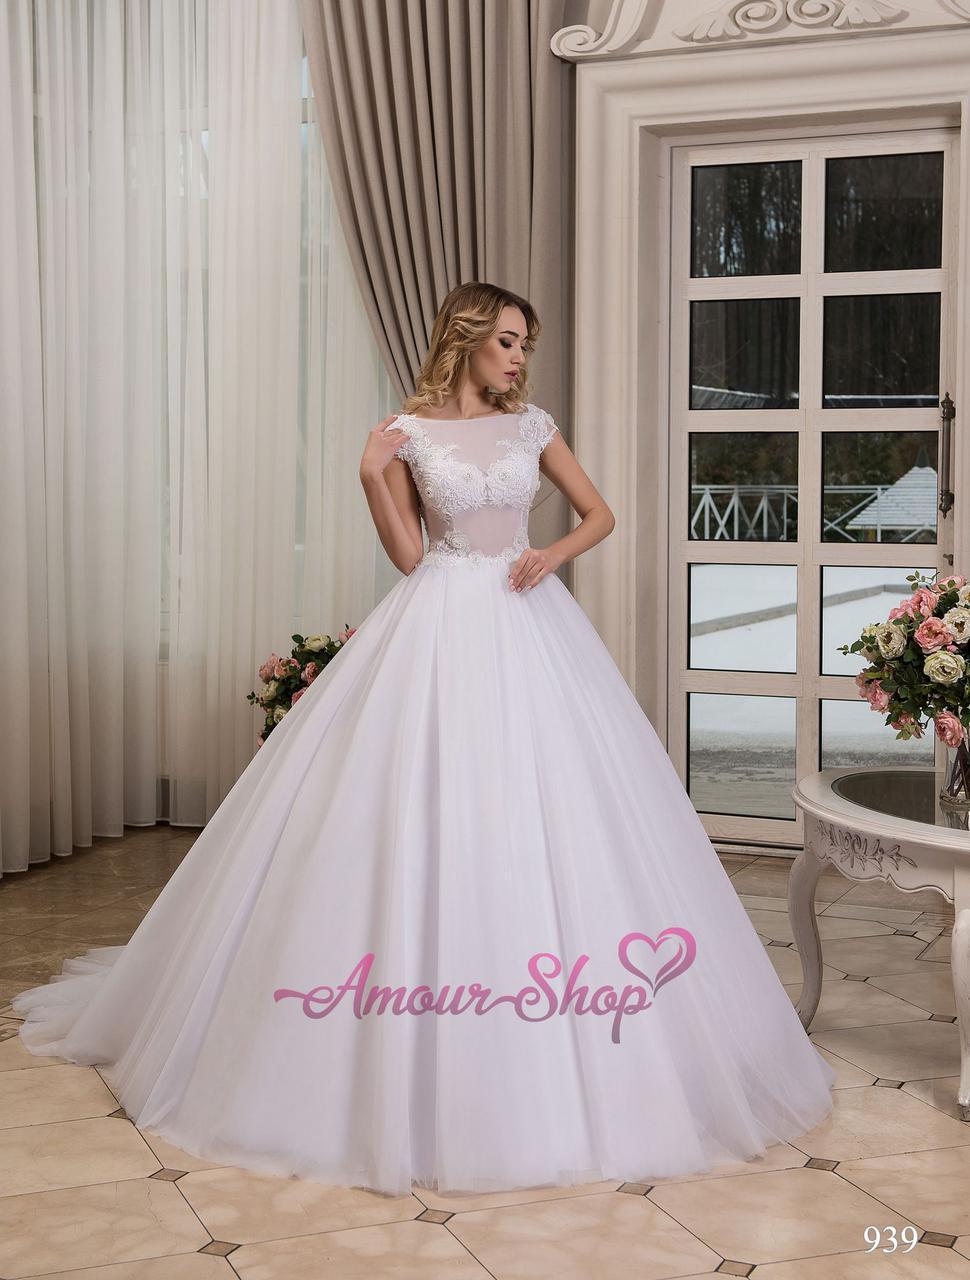 Свадебное платье с прозрачным корсетом. Белый или айвори